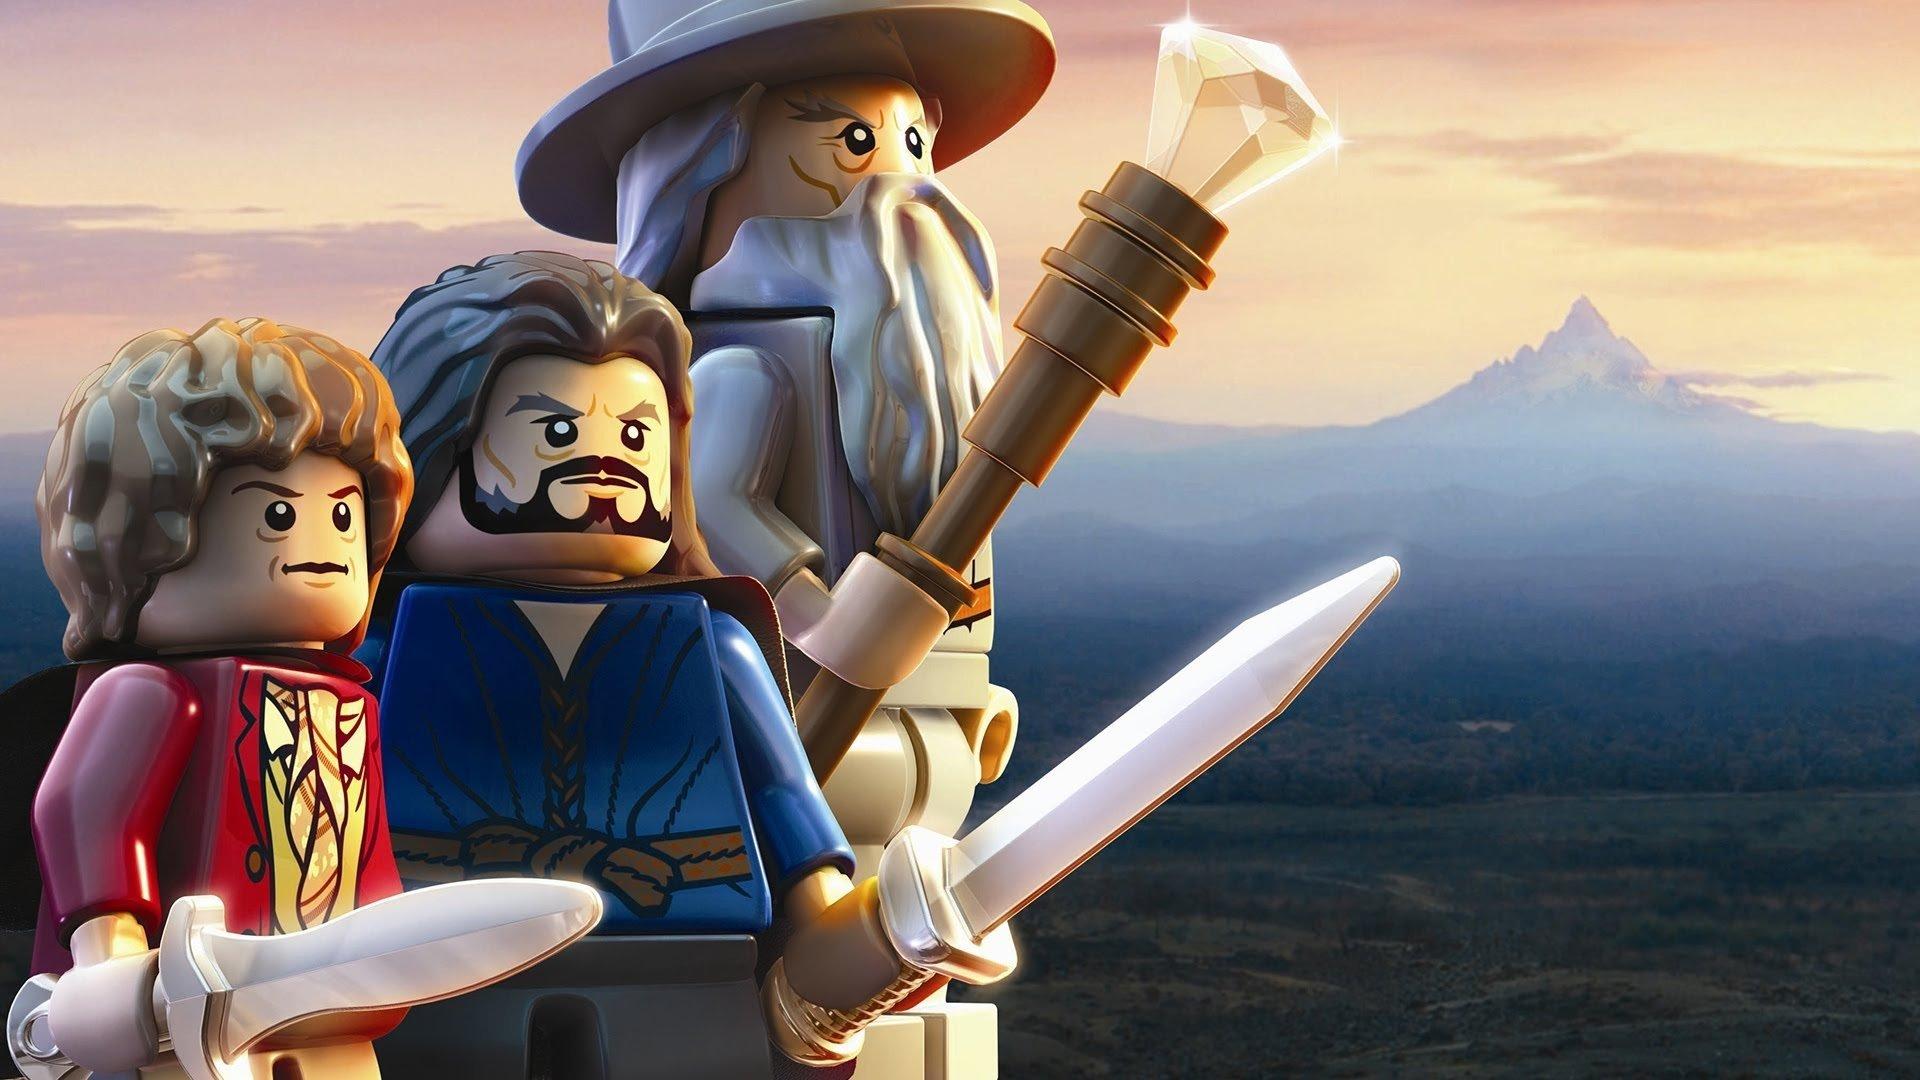 Gry PC z serii LEGO od 2,39 zł w ENEBA (Linki w opisie)